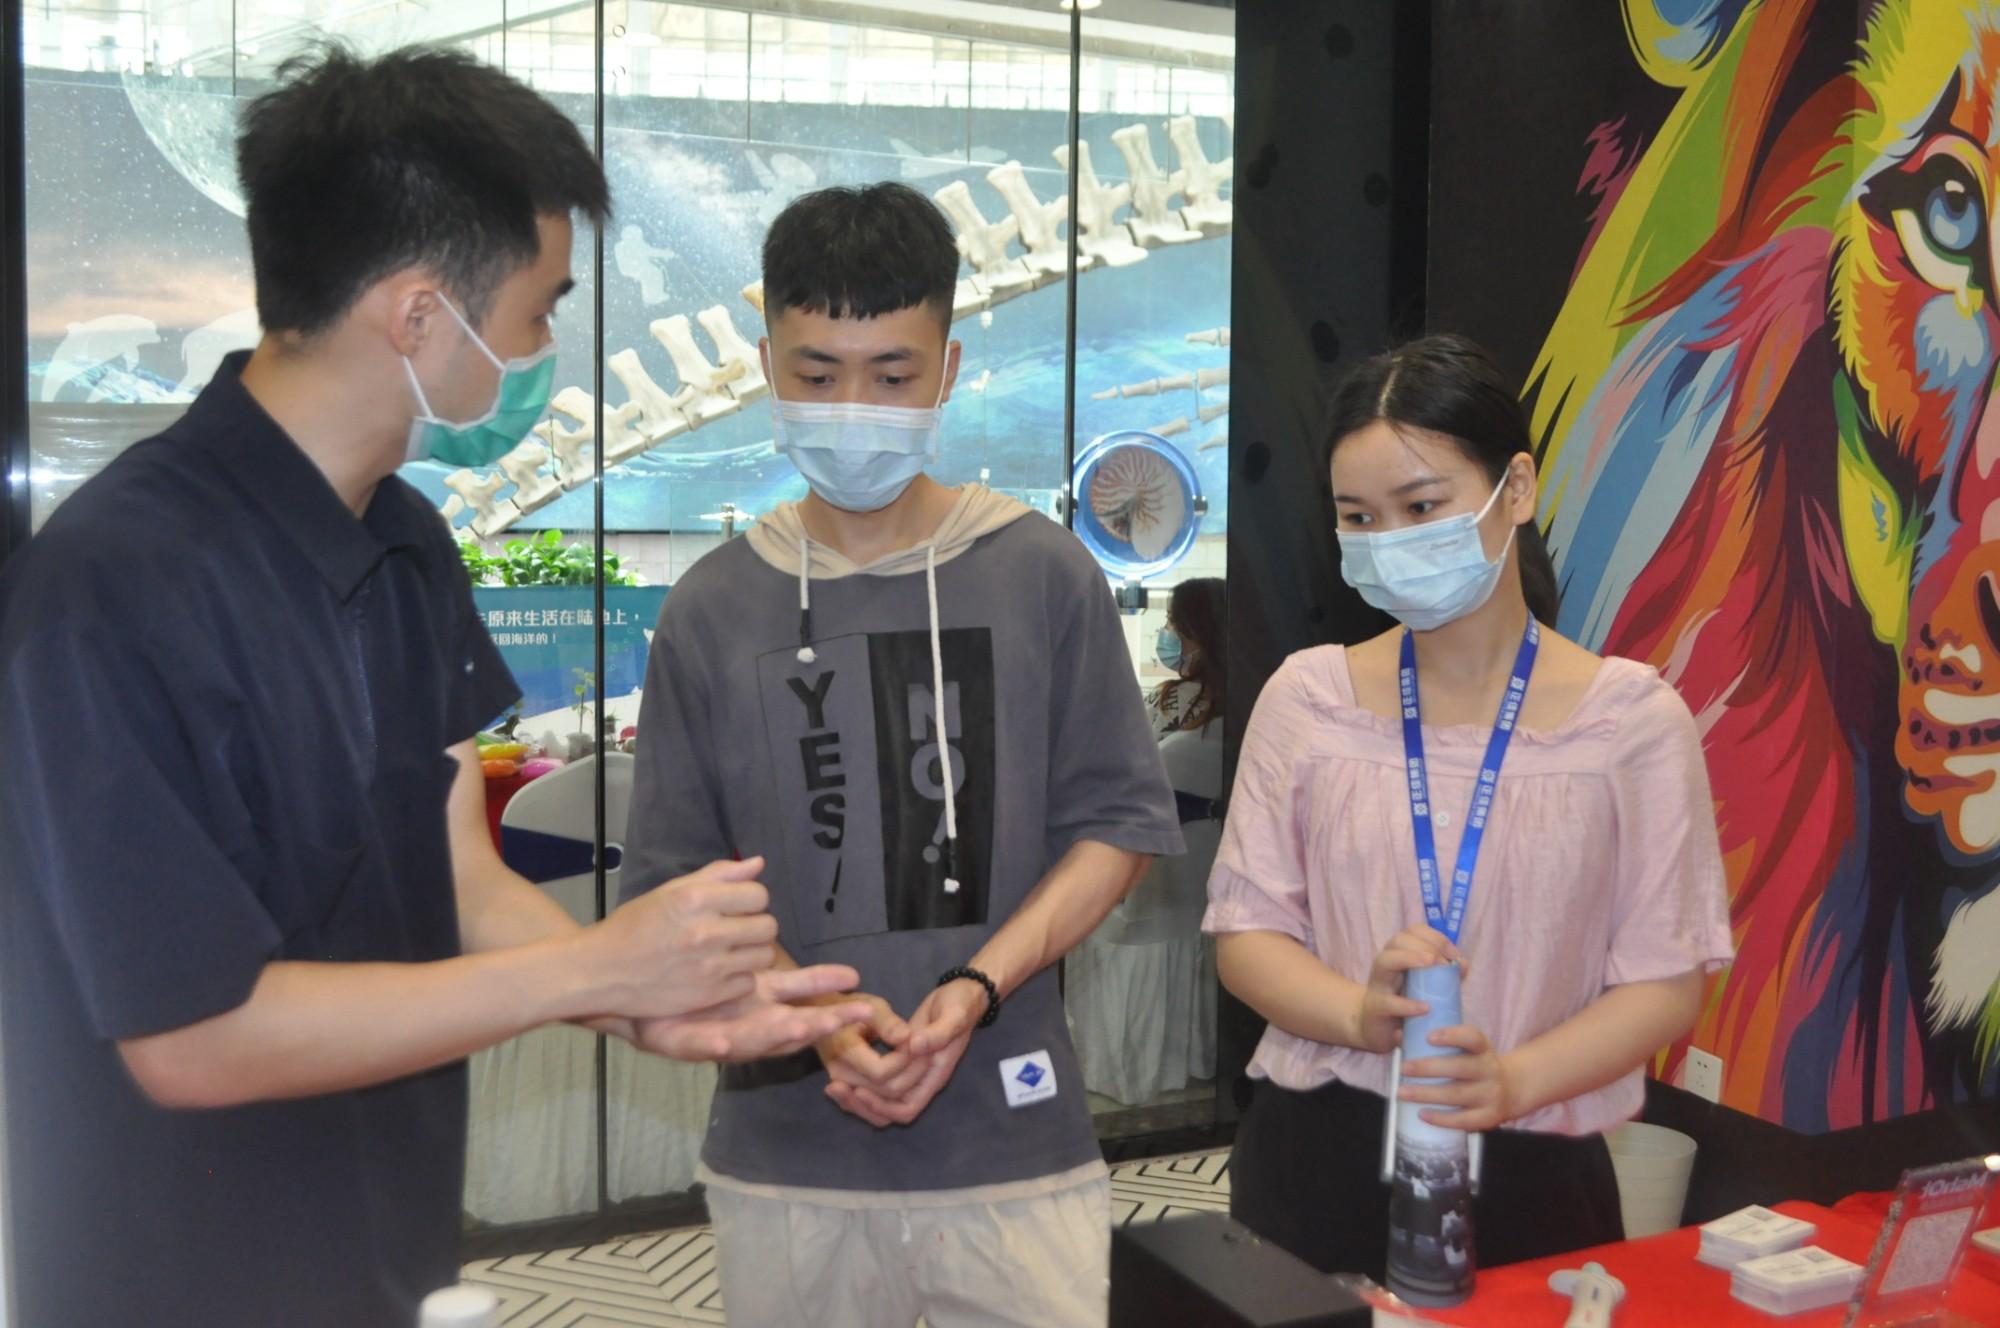 【会展活动】牛顿光学研究院参加天河区科技活动周